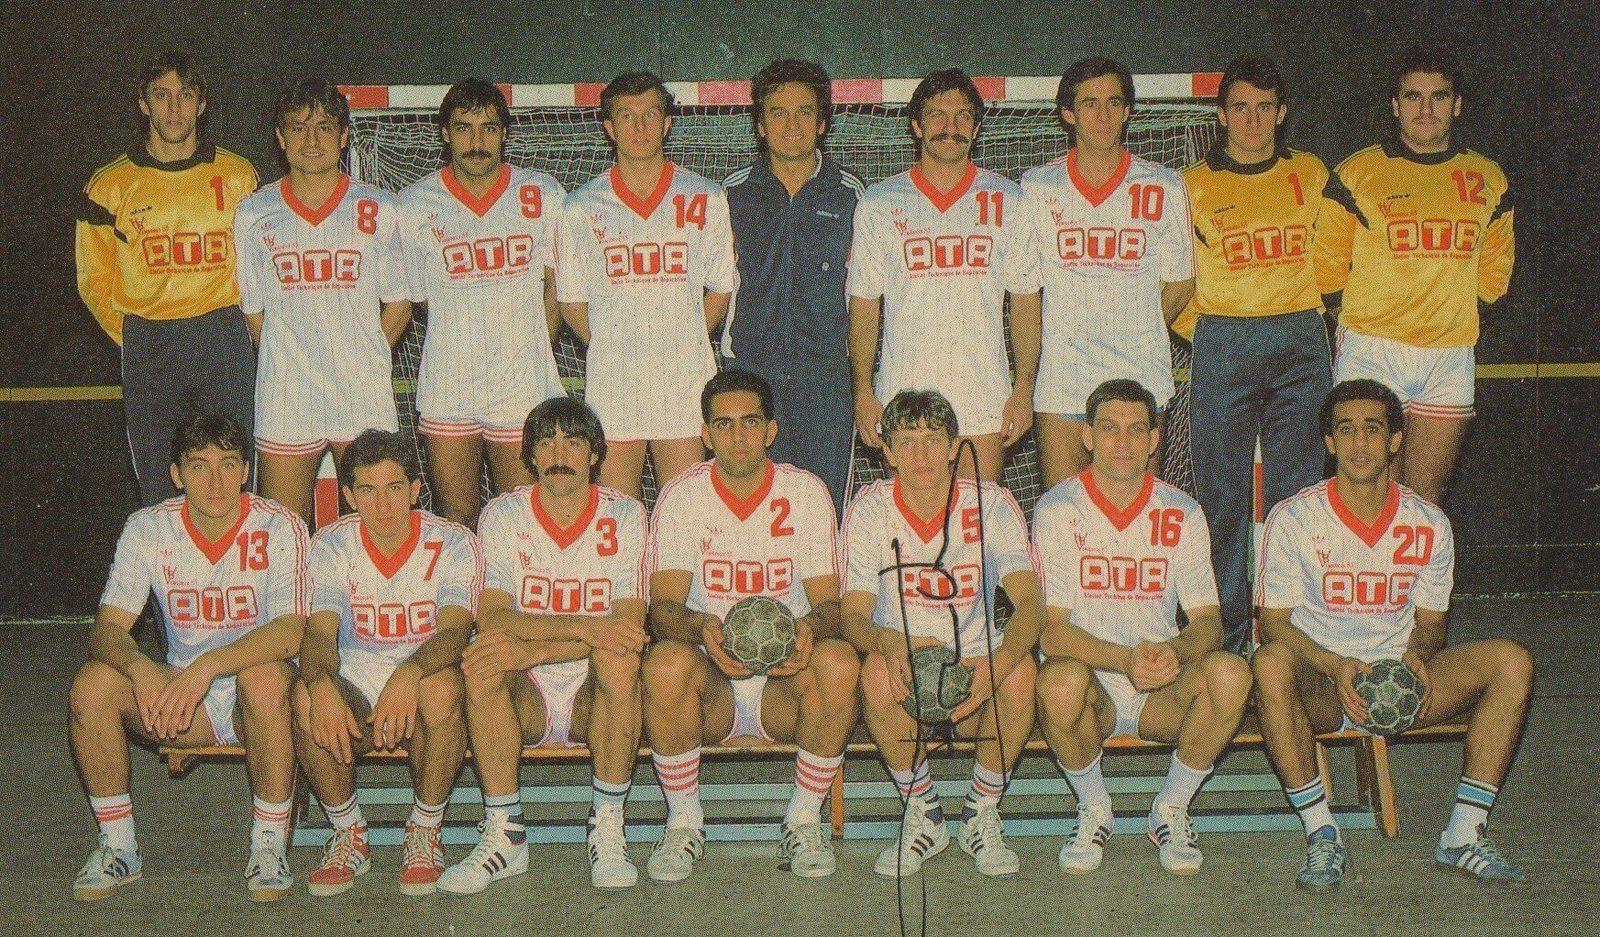 En 1992, le Handball Vénissieux 85 obtenait le titre de champion de France - Photo : © VHB